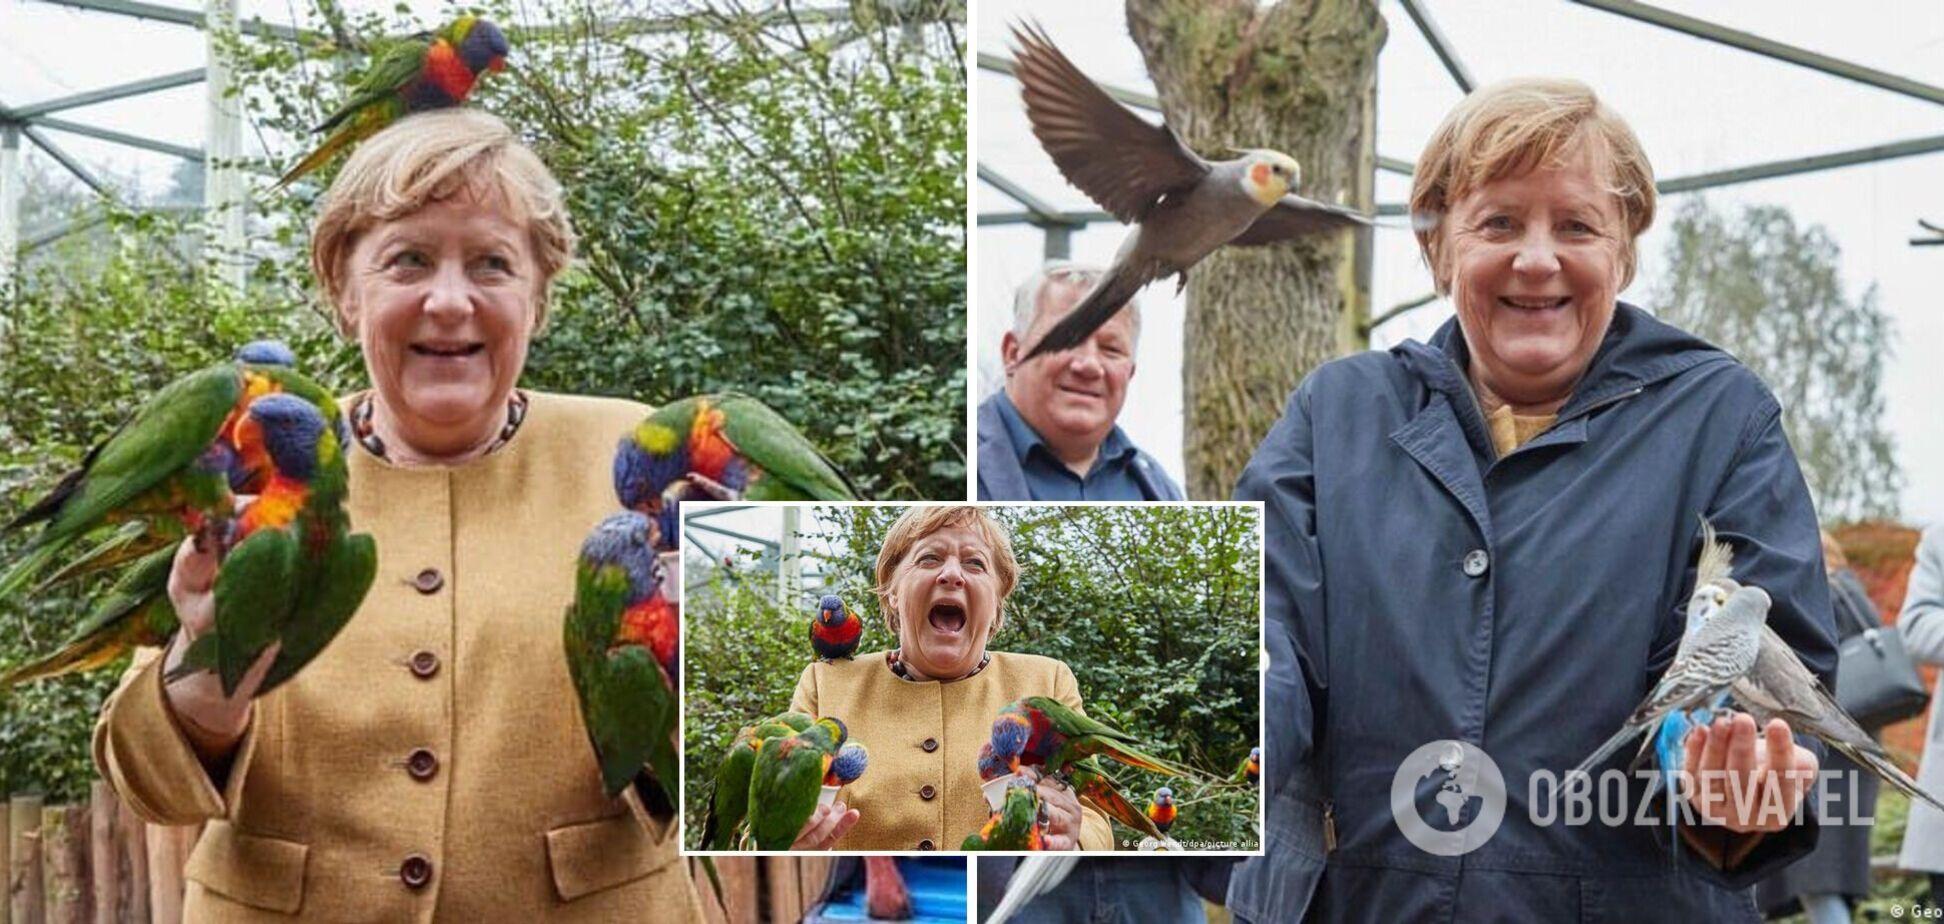 У мережі стали вірусними фото канцлера ФРН Меркель з папугами в пташиному парку